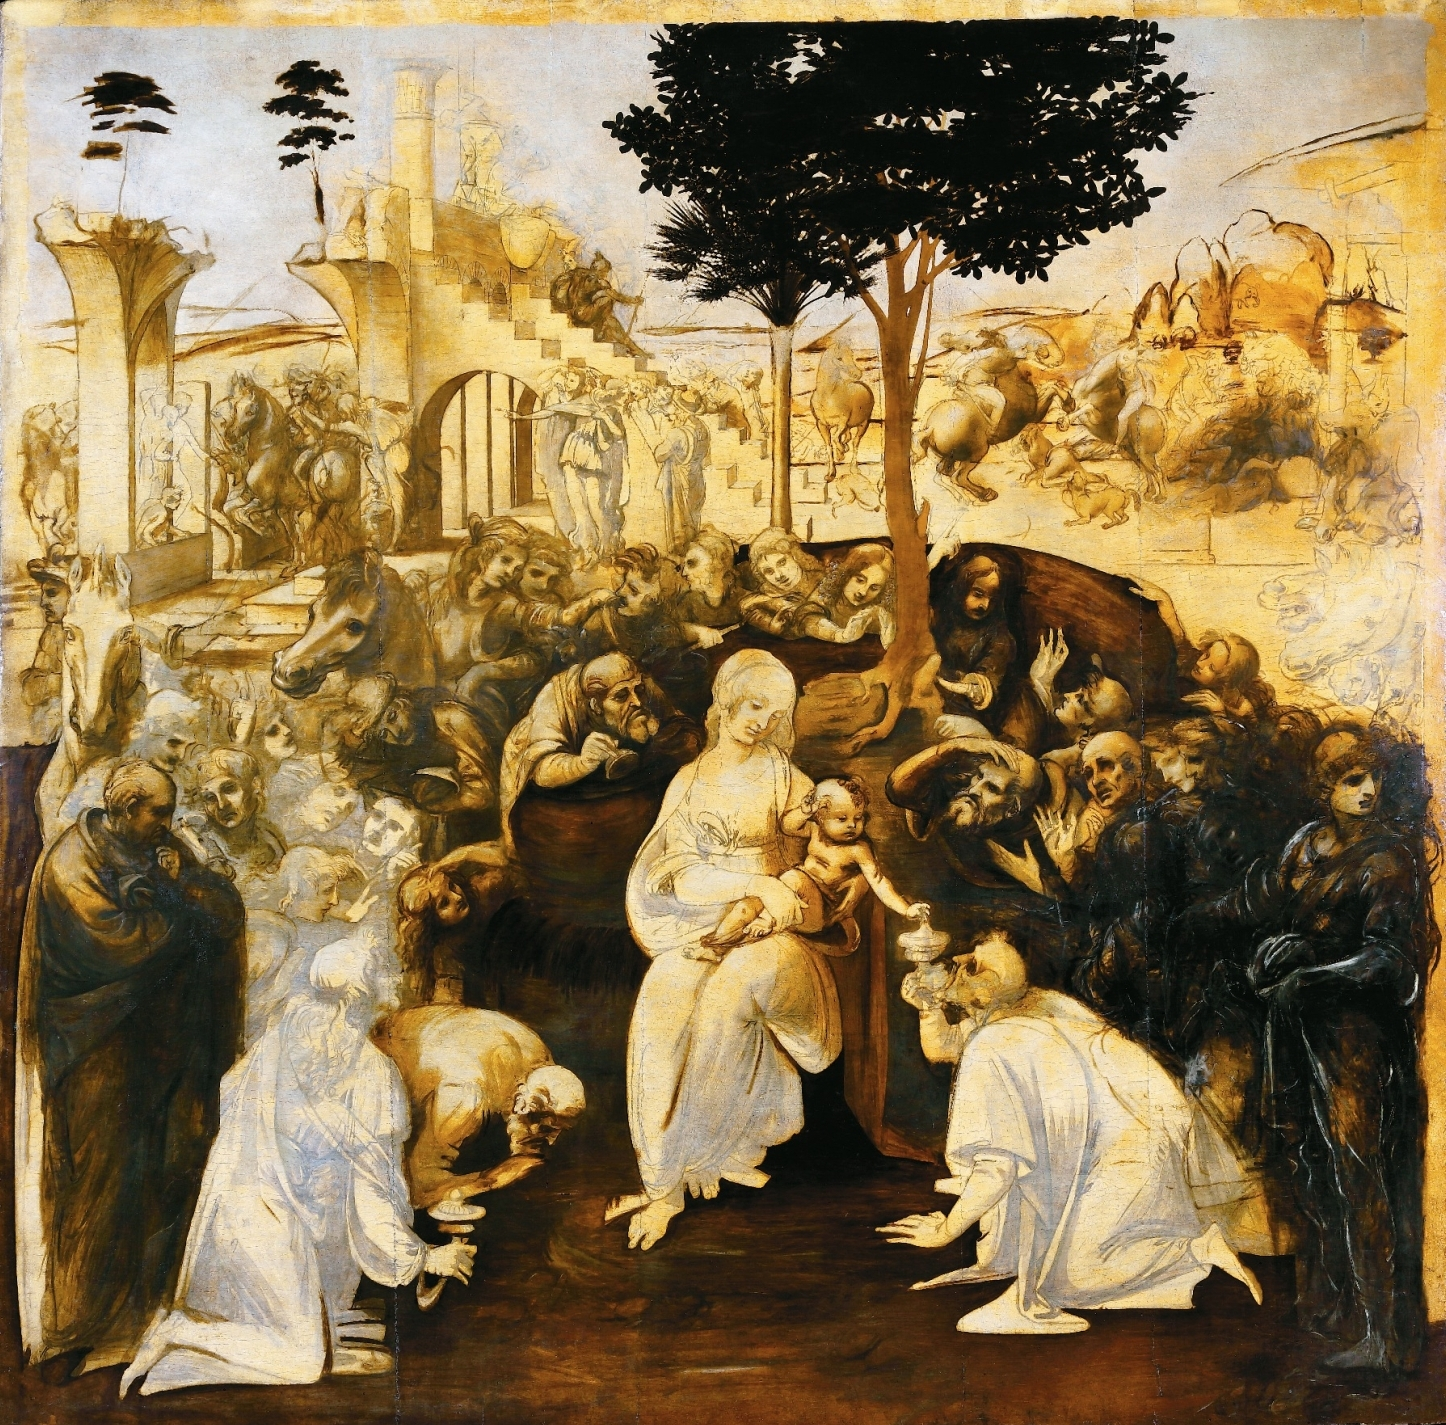 Adorazione dei Magi (Leonardo) - Wikipedia